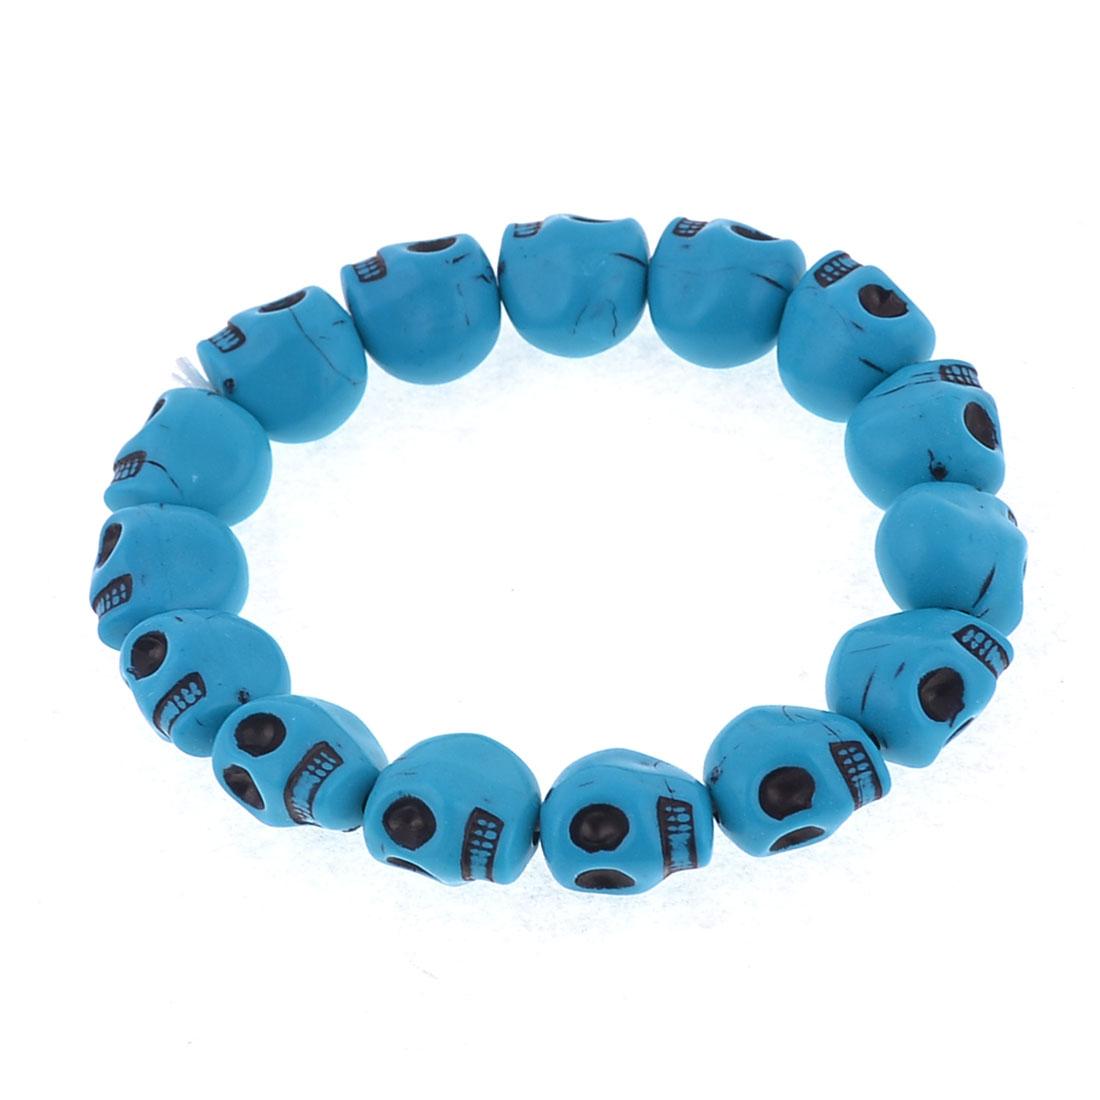 Lovers Blue Plastic Skulls Design Elastic Bracelet Bangle